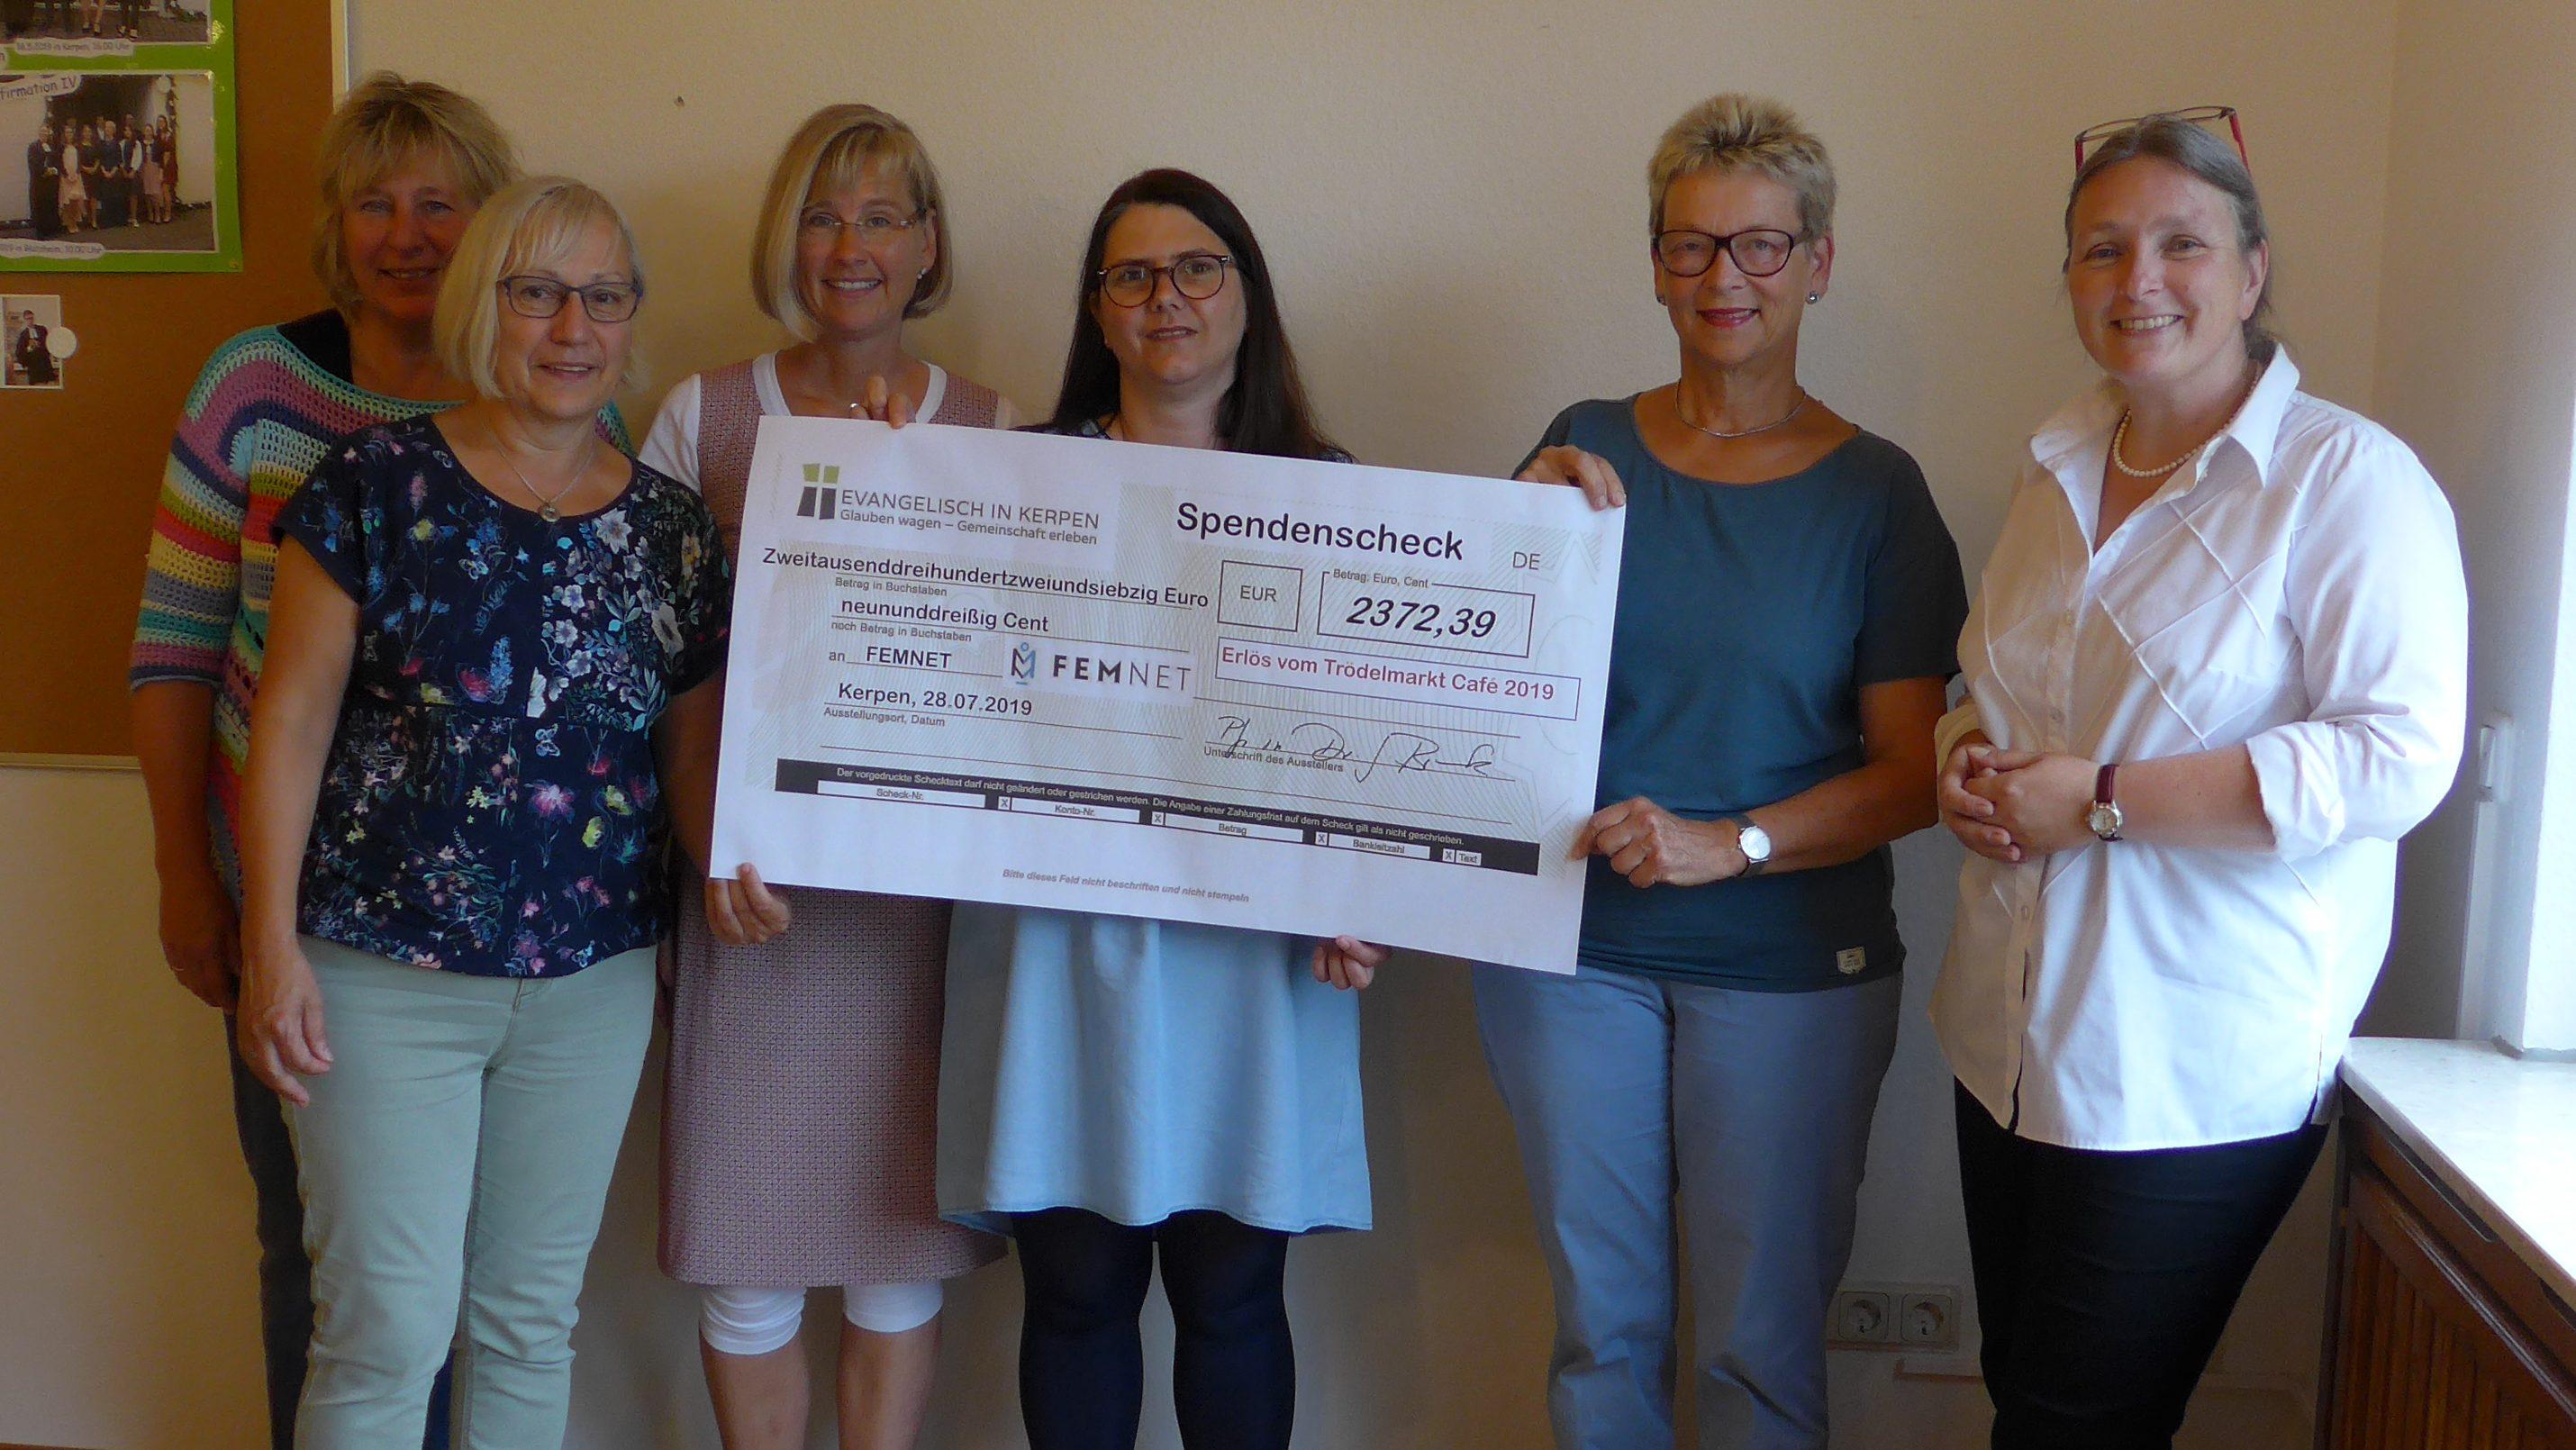 Evangelische Kirche in Kerpen spendet Café-Erlös für Textilarbeiterinnen